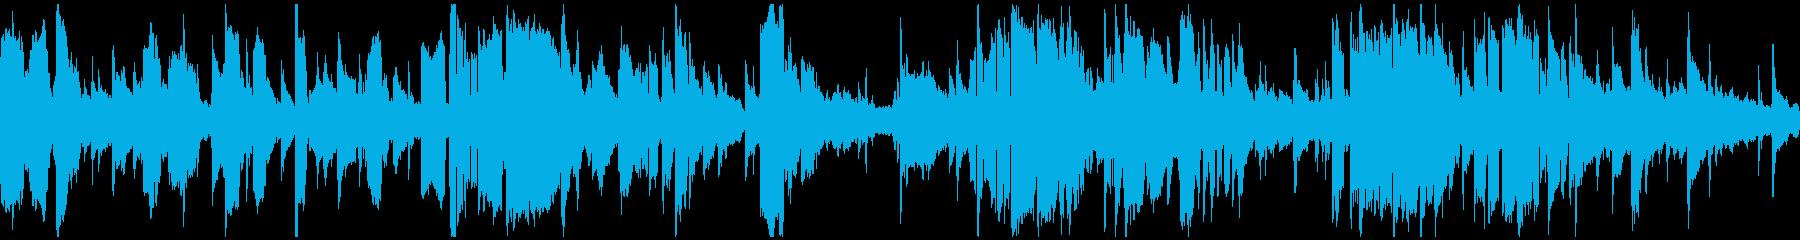 都会的なサックスバラード ※ループ仕様版の再生済みの波形